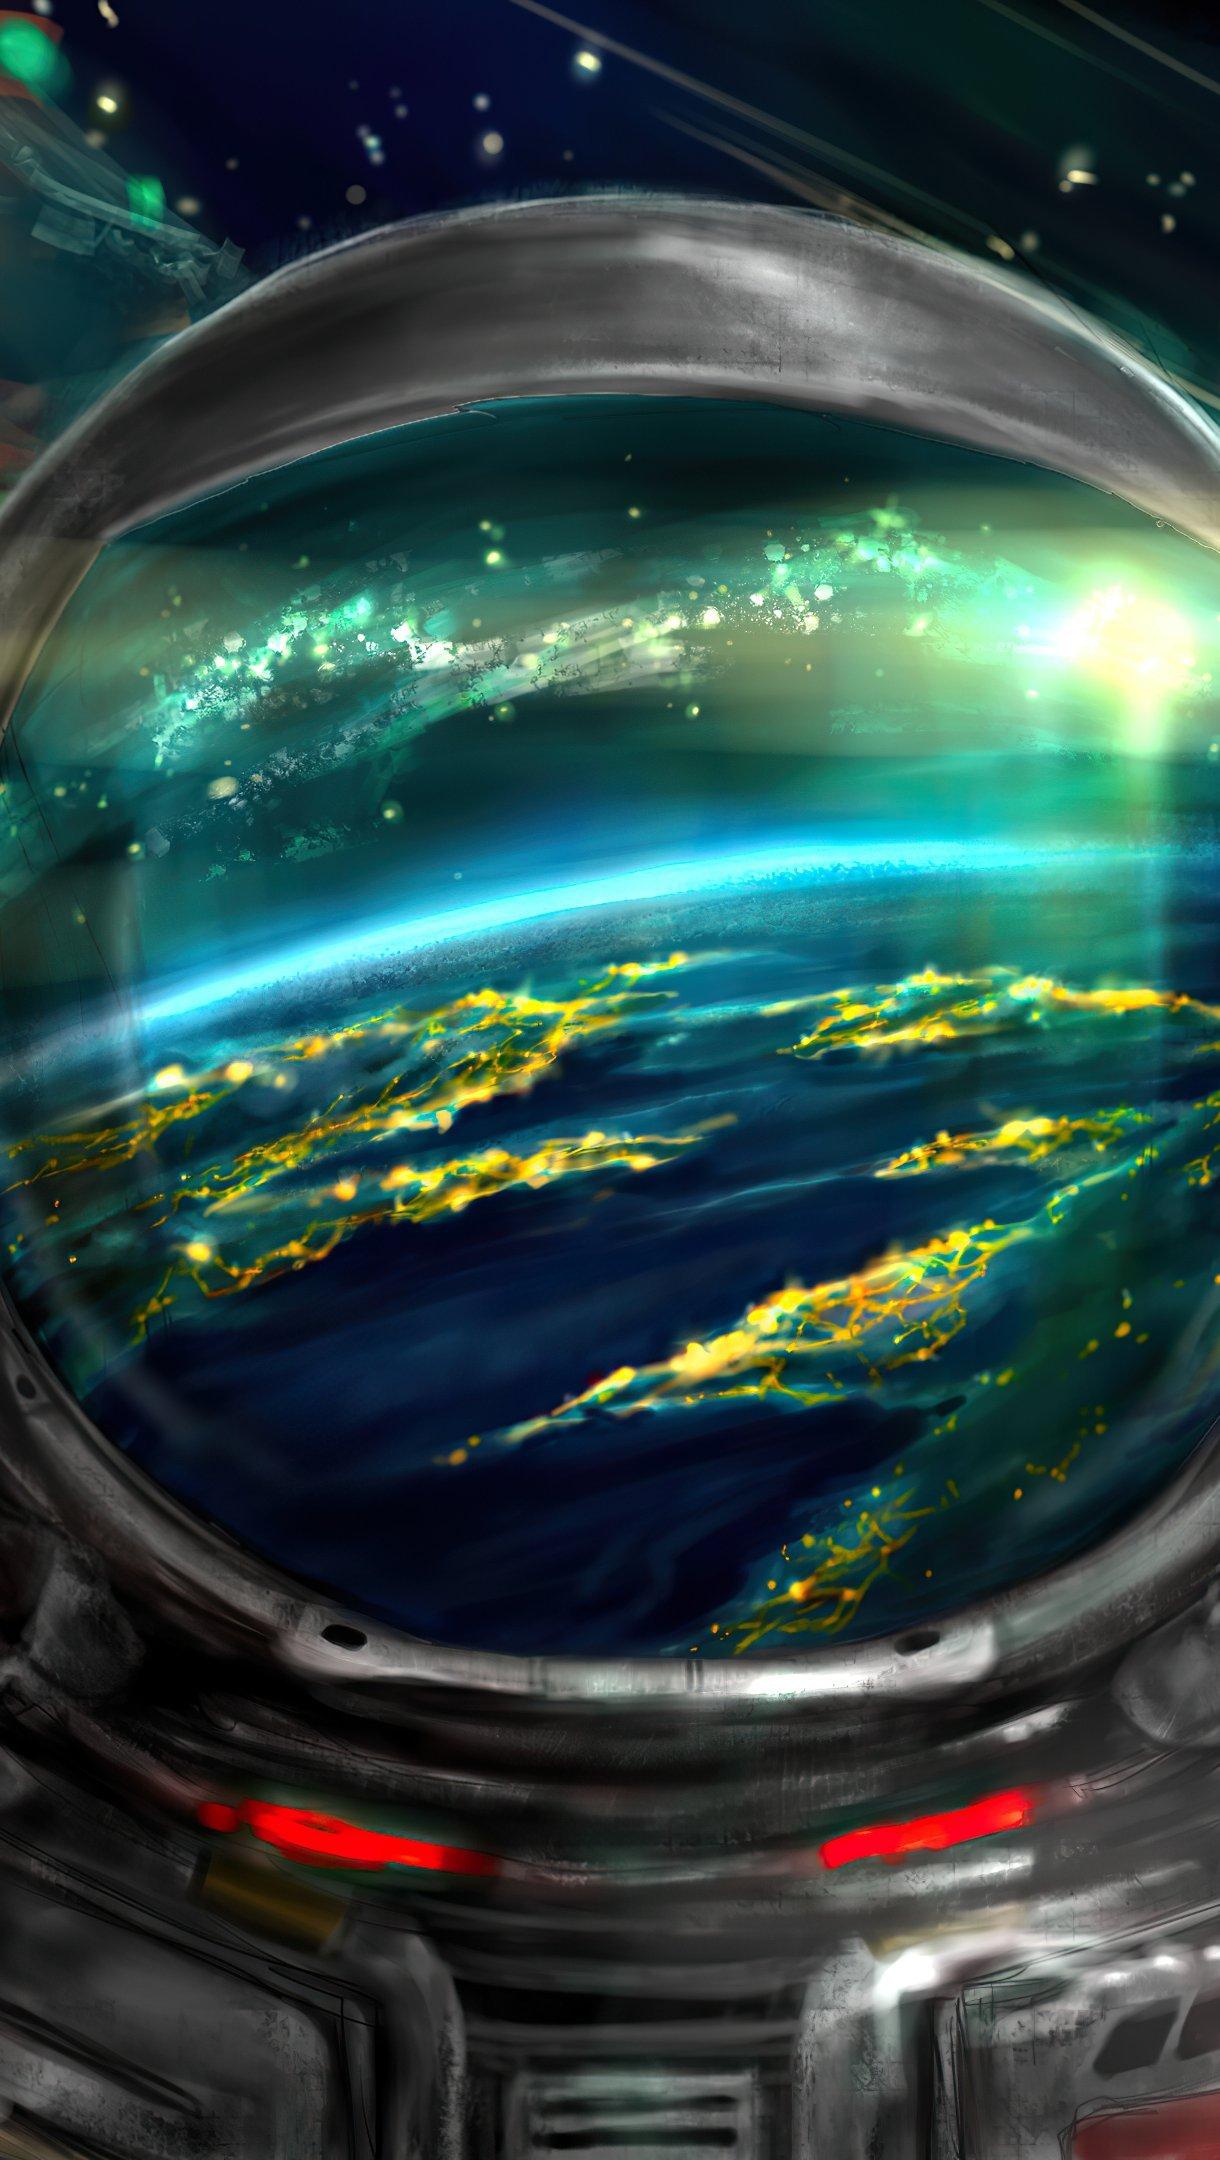 Fondos de pantalla Astronauta con universo de fondo Vertical